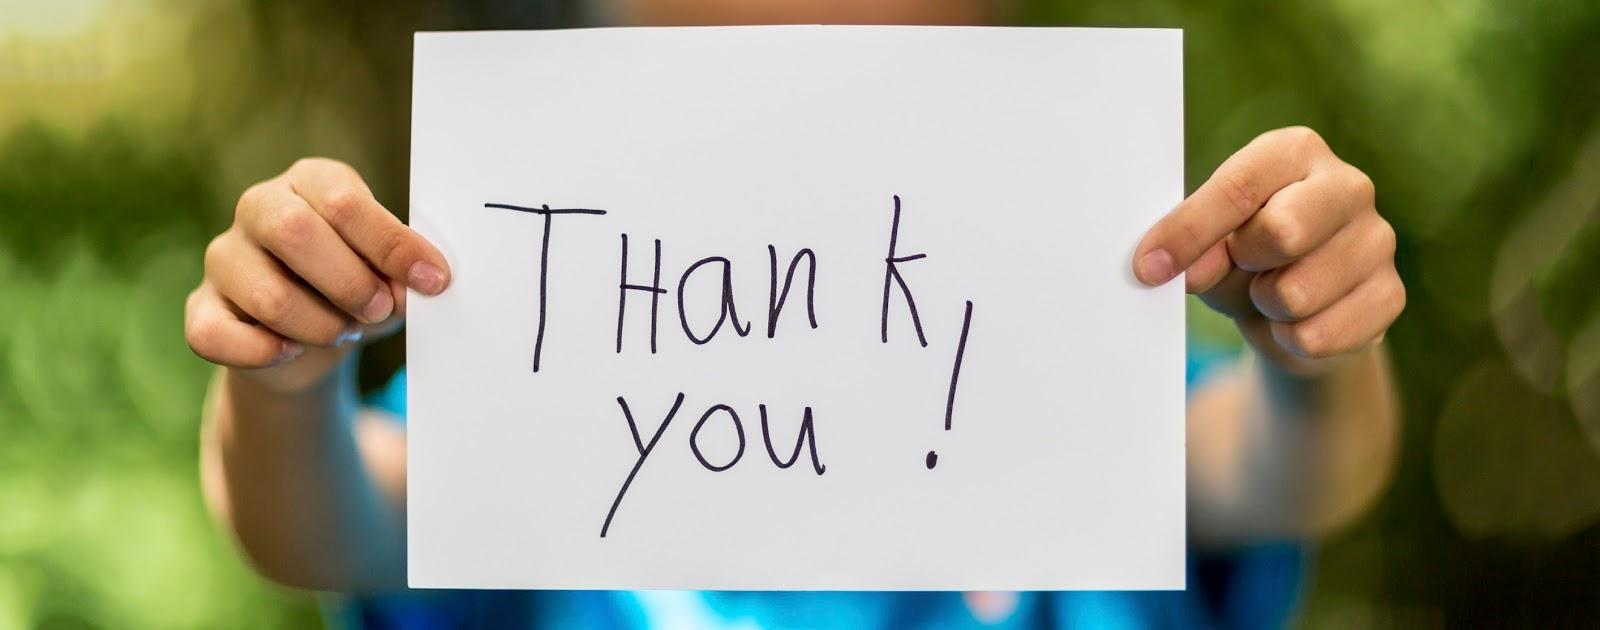 13 عبارة مختلفة للشكر والرد على الشكر باللغة الإنجليزية تعلم اللغة الإنجليزية